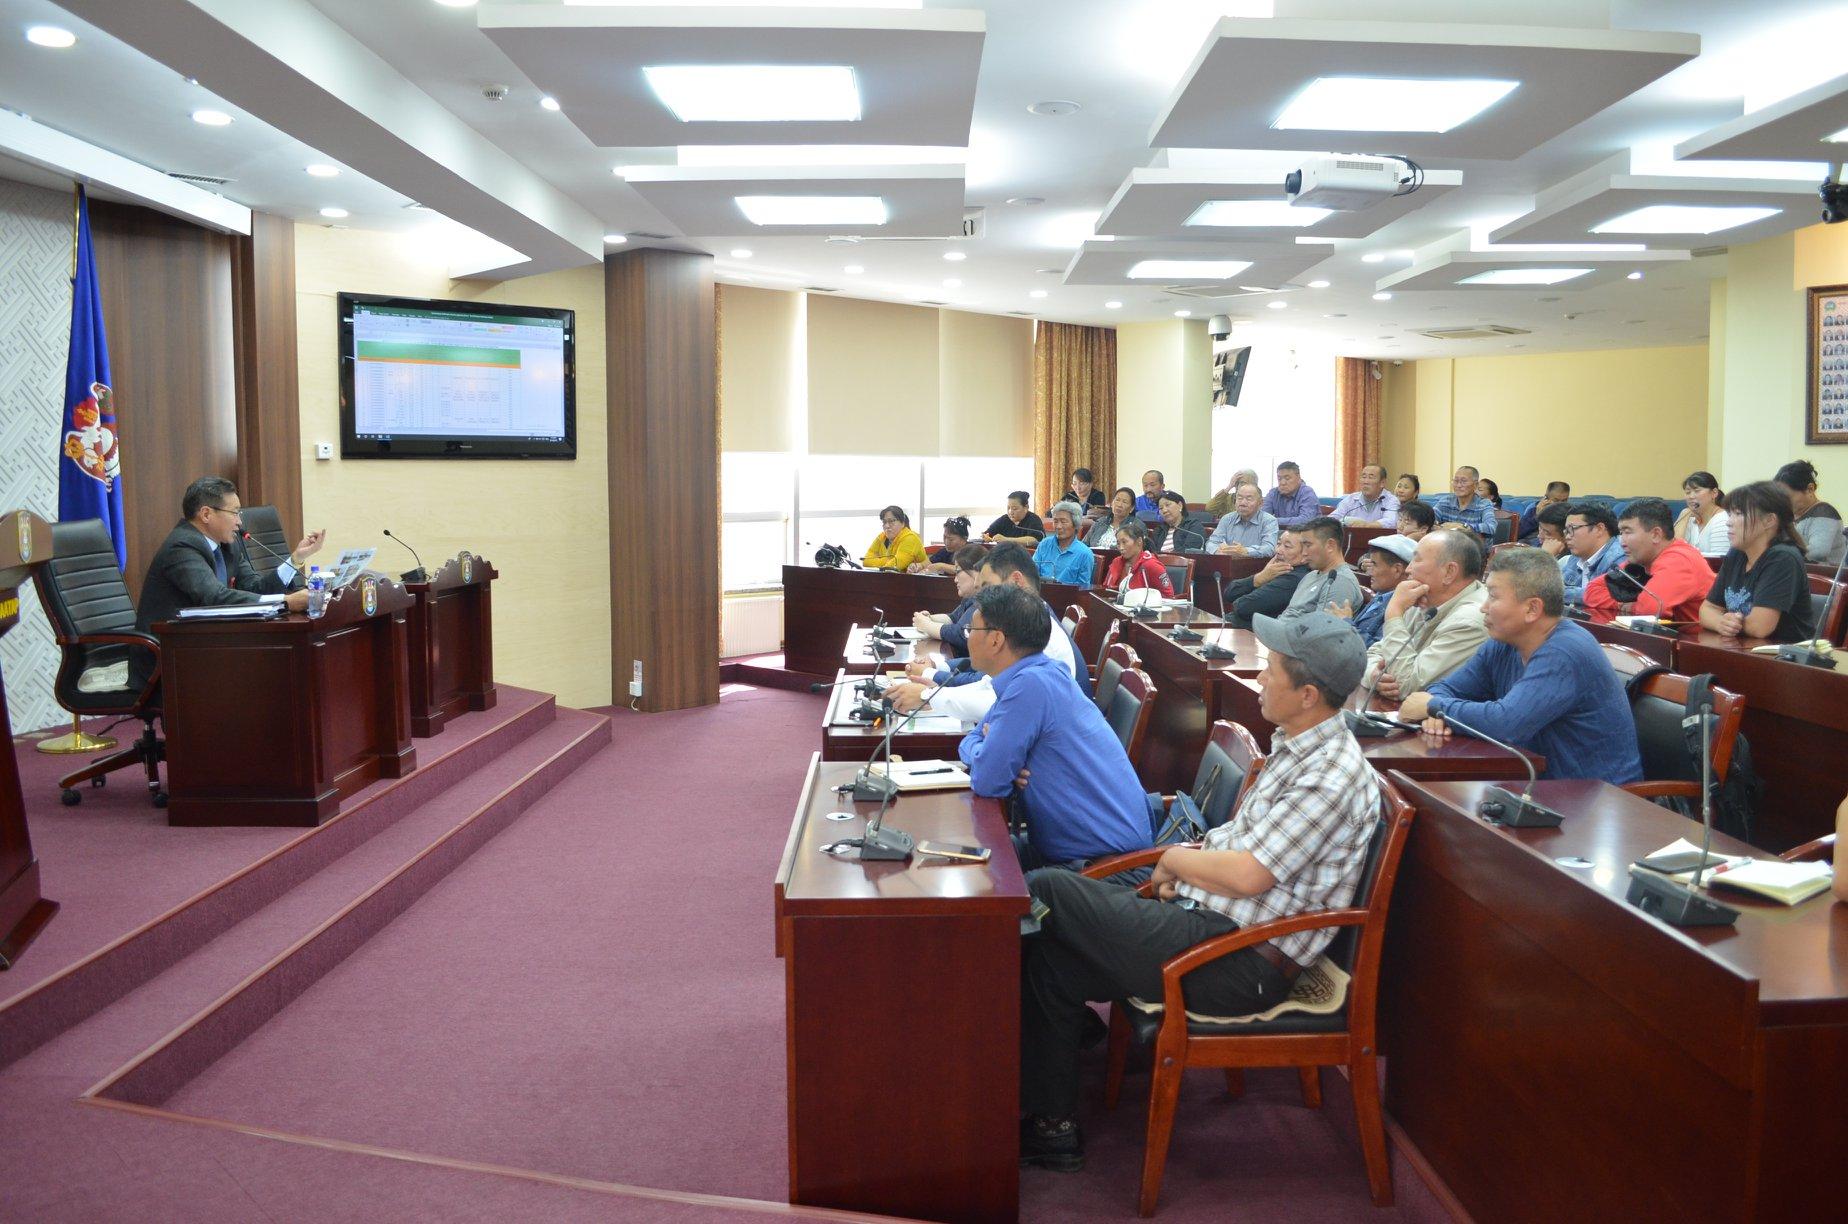 Монгол Улсын Засгийн газрын 2018 оны 62 дугаар тогтоолыг хэрэгжүүлэх ажлын хүрээнд Улаанбаатар хотын Захирагчийн ажлын алба нам даралтын халаалтын зуухнуудыг буулгаж цахилгаан дулаанд холбох ажлыг зохион байгуулж байна.